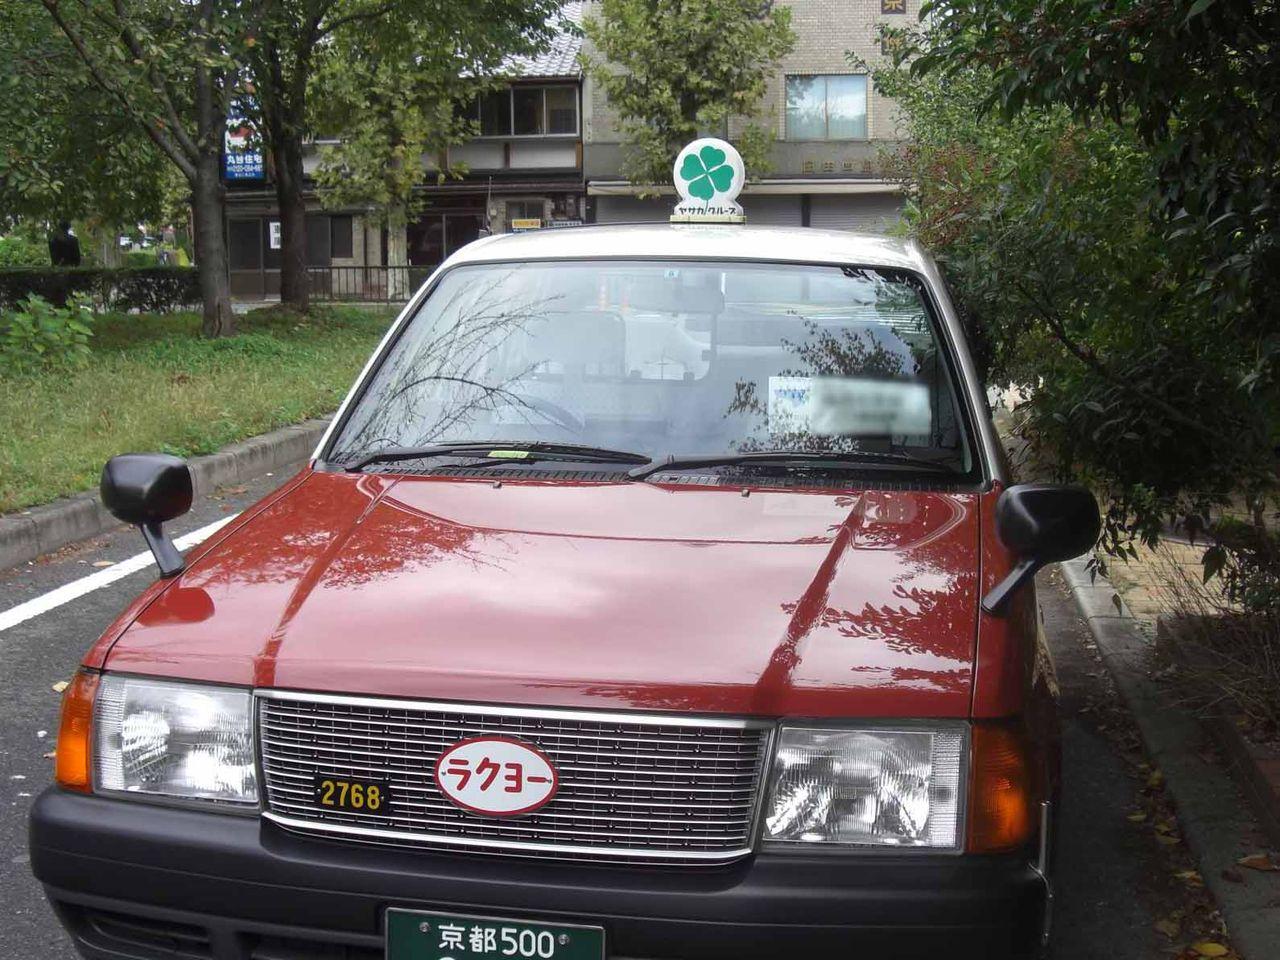 110122 四つ葉のタクシー